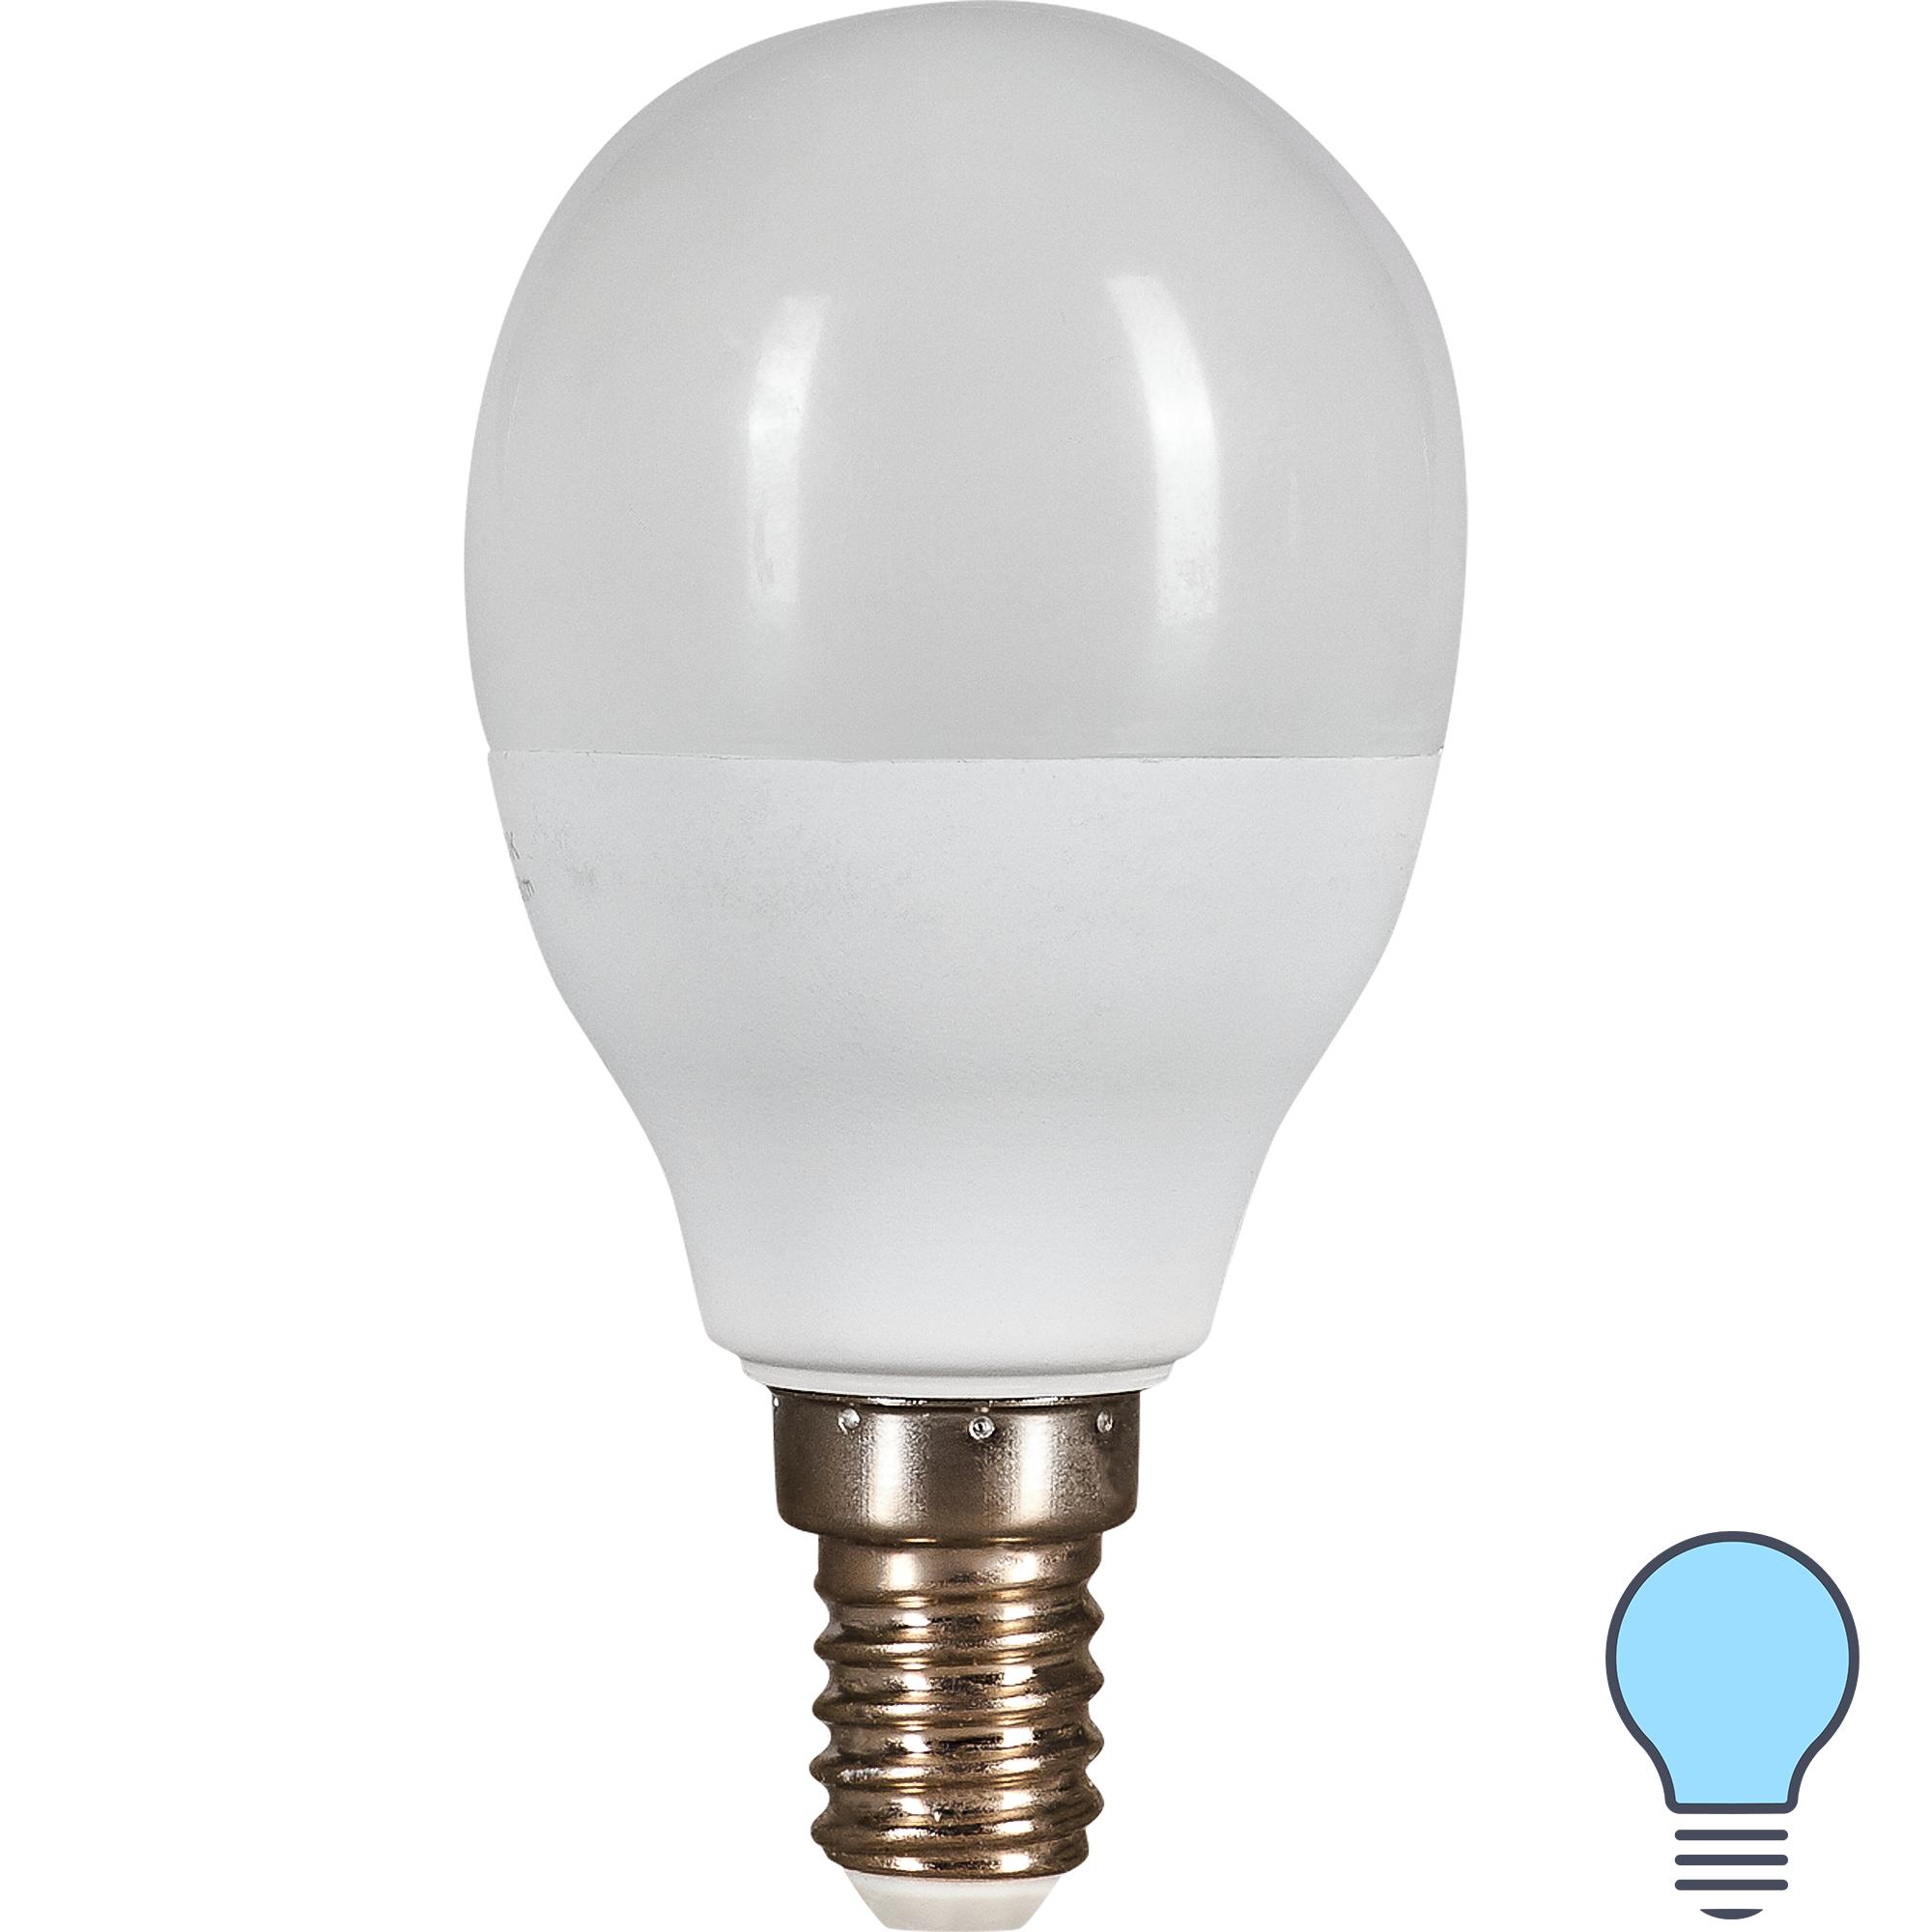 Лампа светодиодная E14 220-240 В 7.5 Вт шар матовая 806 лм холодный белый свет